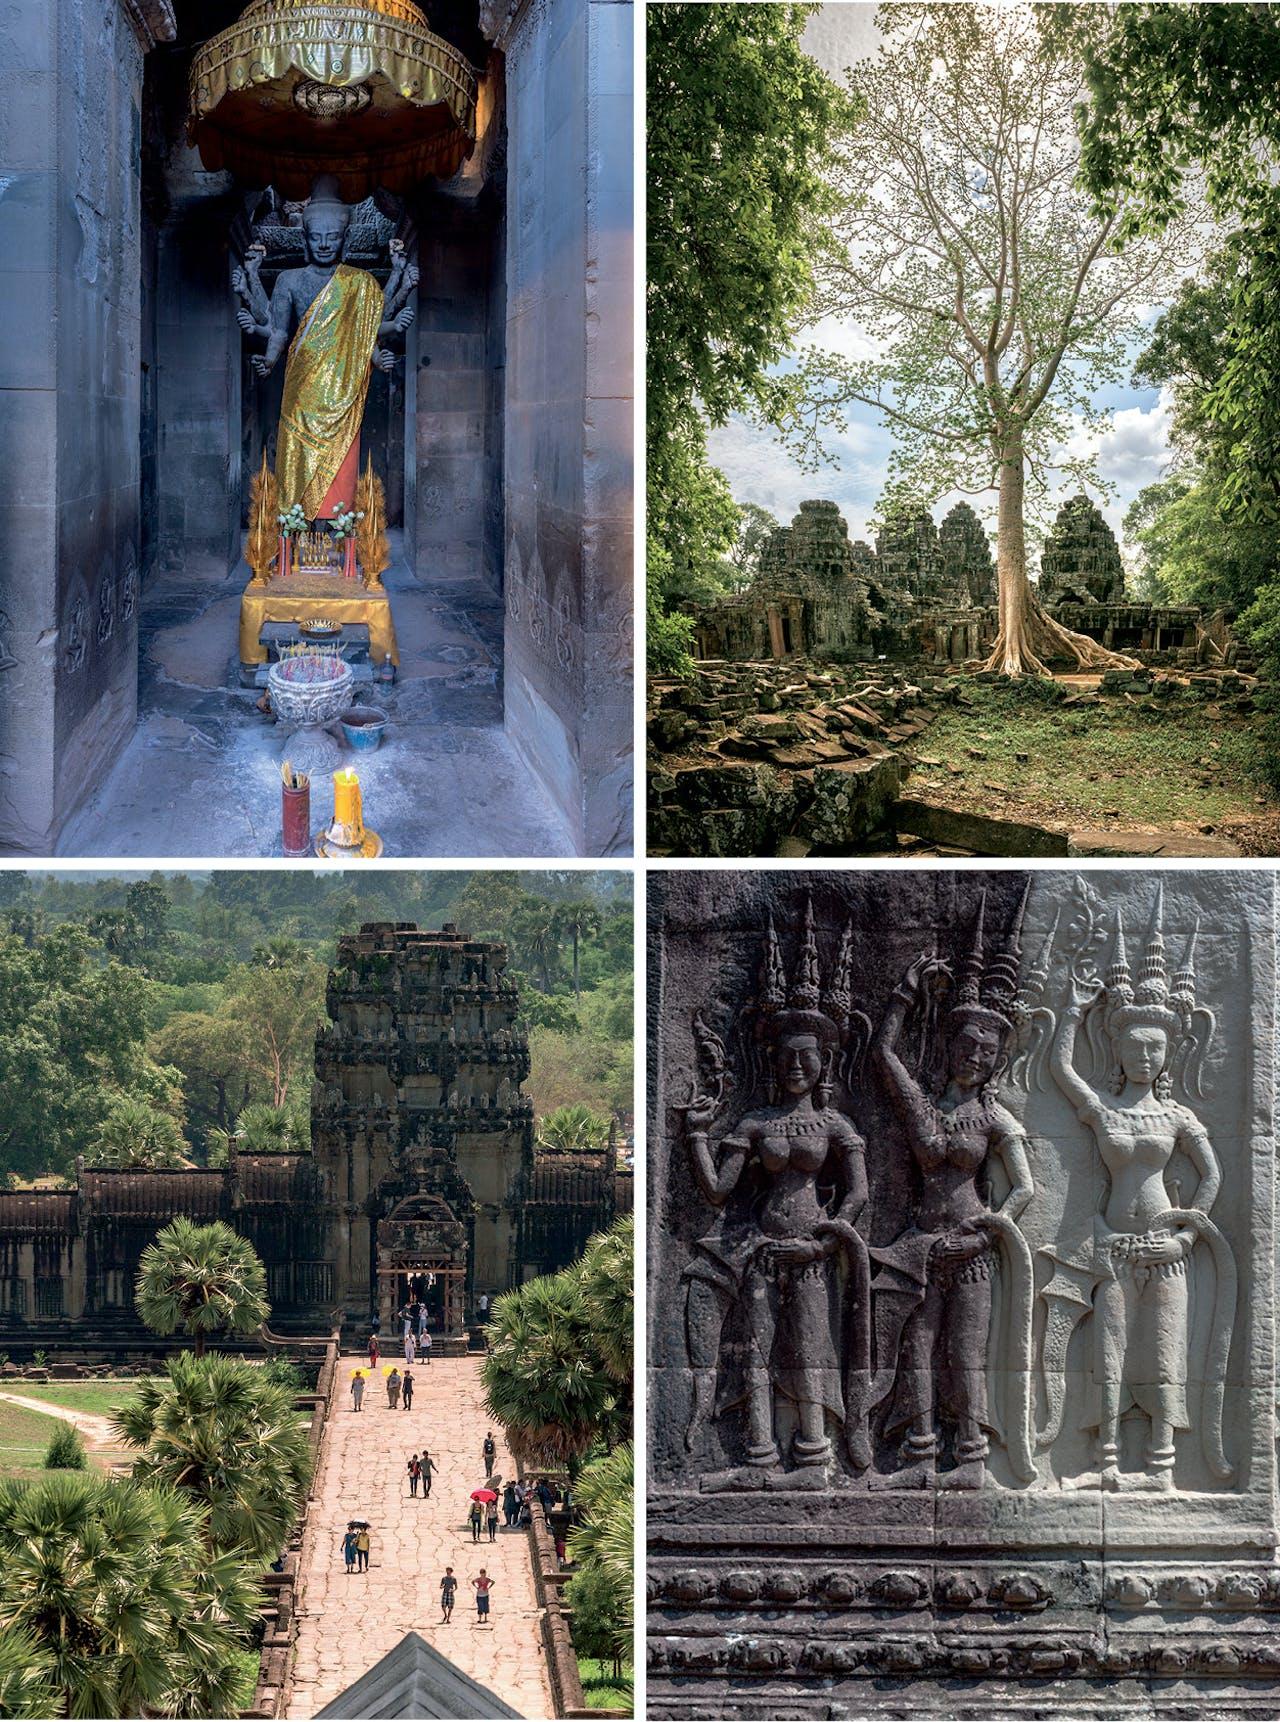 Beelden uit Angkor Wat, dat nog steeds in gebruik is als heiligdom. Rechtsonder: relief van apsara's.